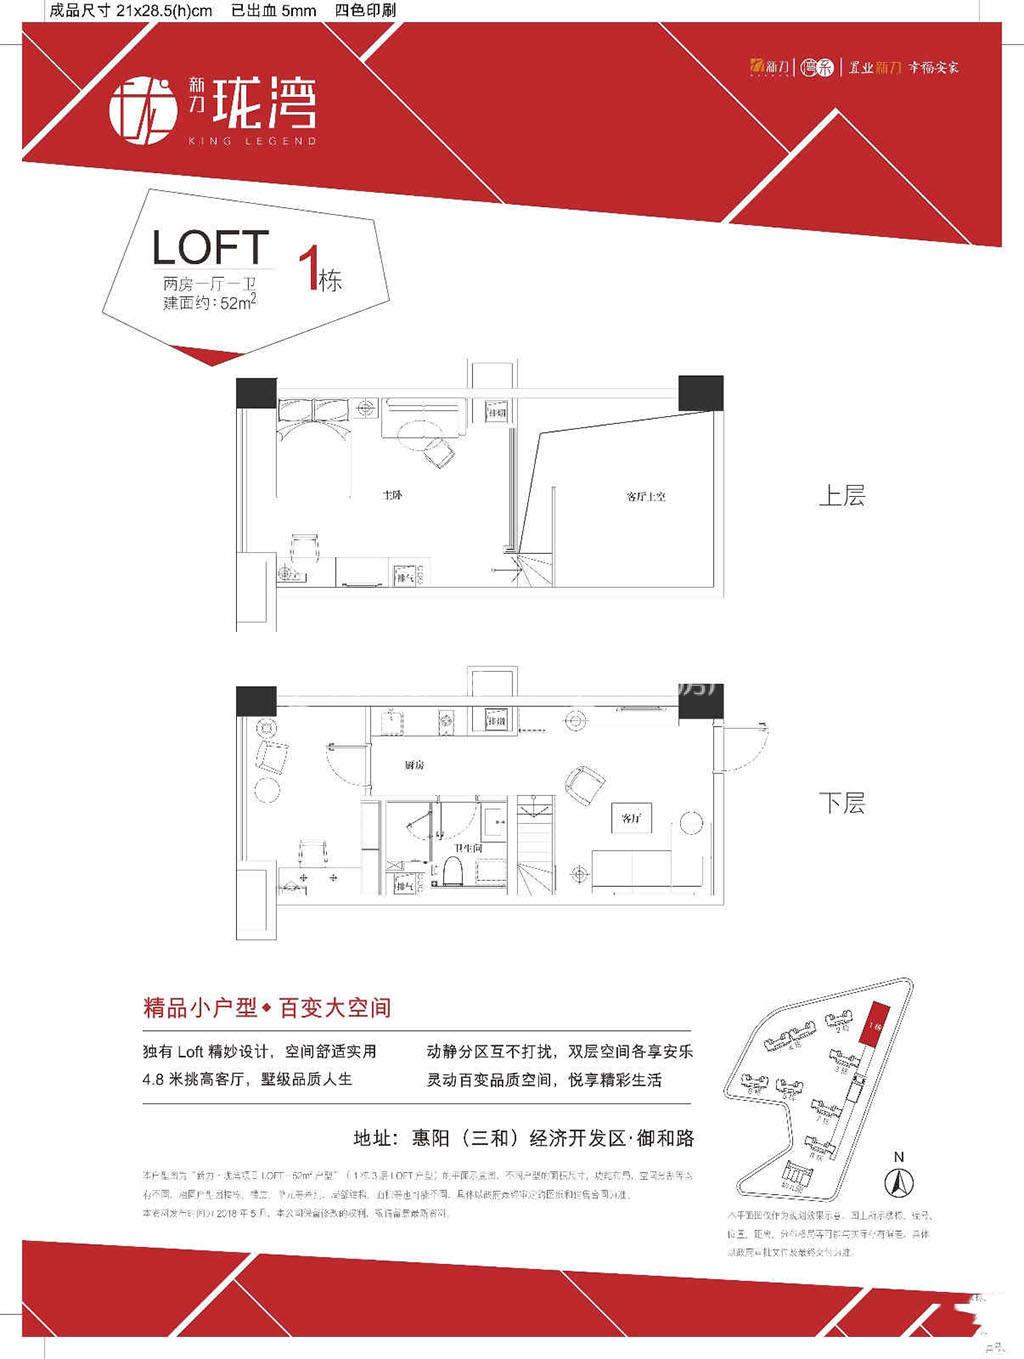 新力珑湾LOFT户型2室1厅1卫1厨建筑面积52㎡.jpg